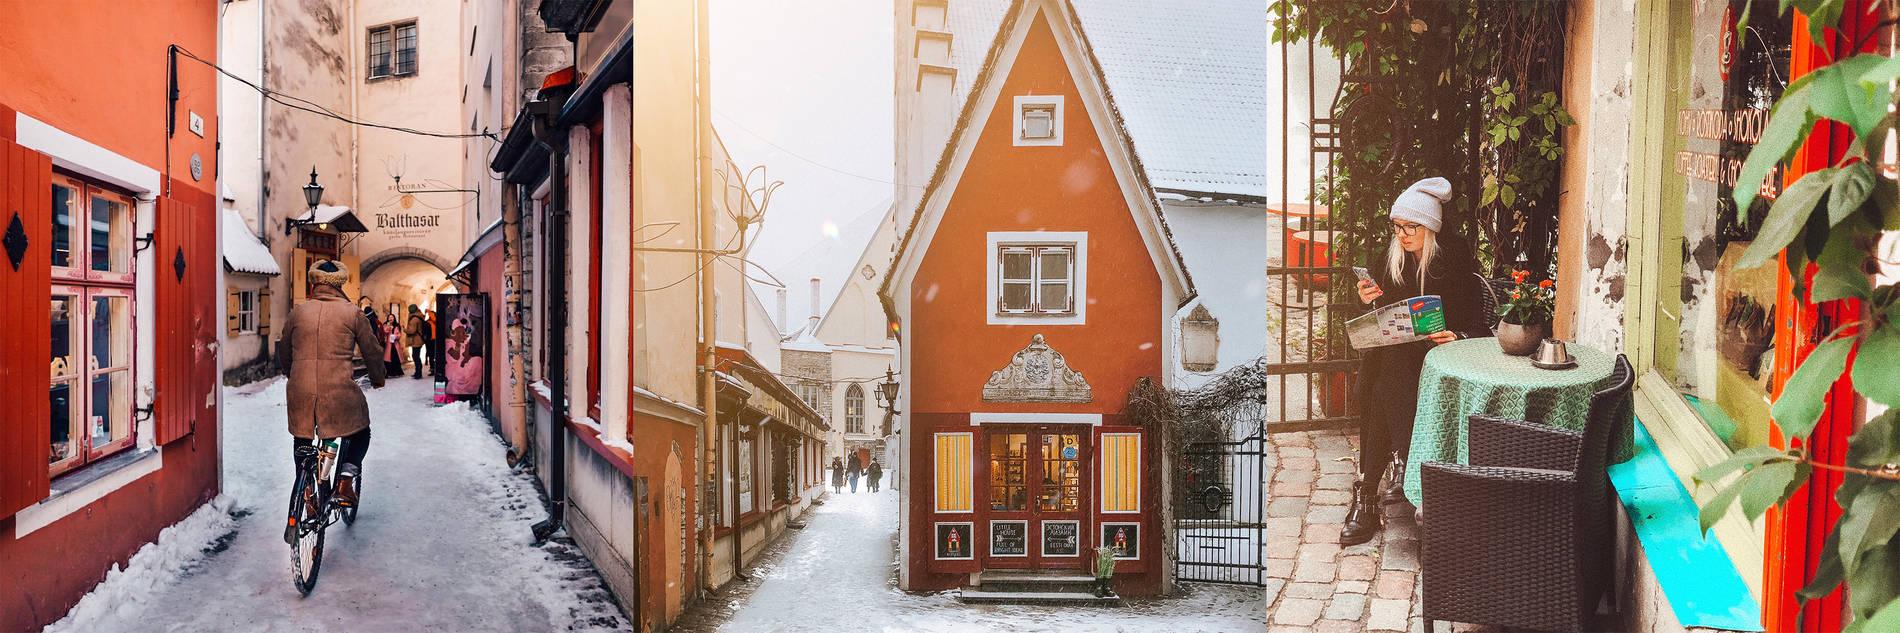 Saiakang-kuja Tallinnassa Kuva: